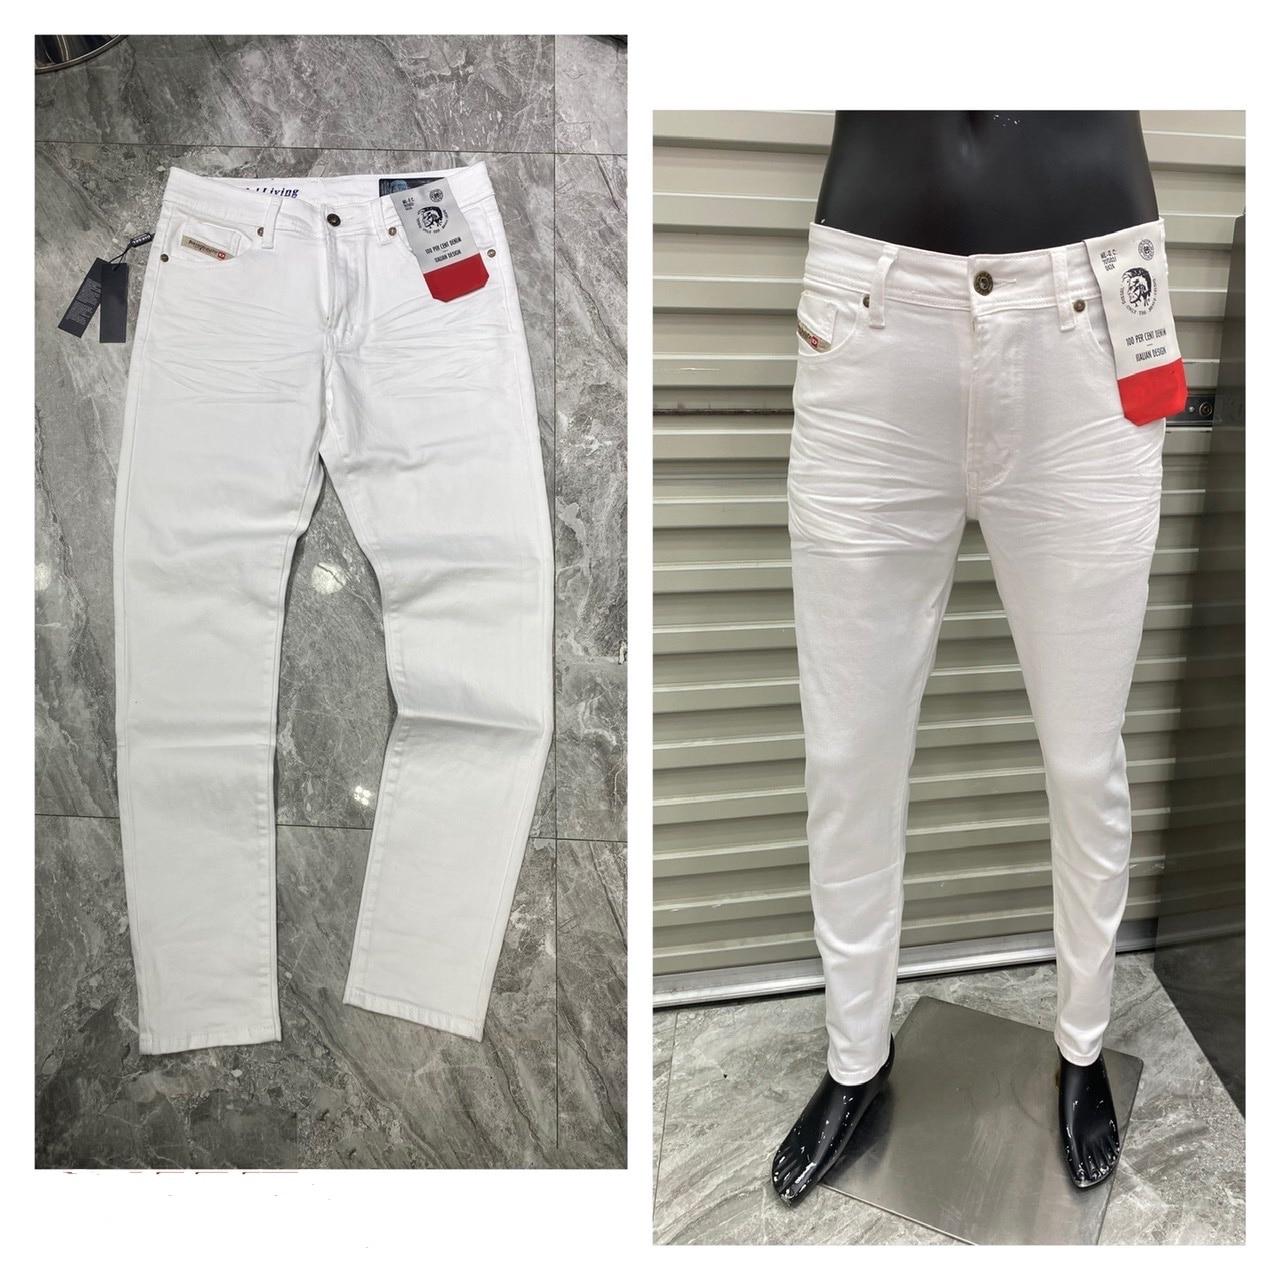 2021 New Tide Brand Authentic Men's Jeans Breathable Trend White Zipper Men Wild Fashion Warm Casual Men Long Pants